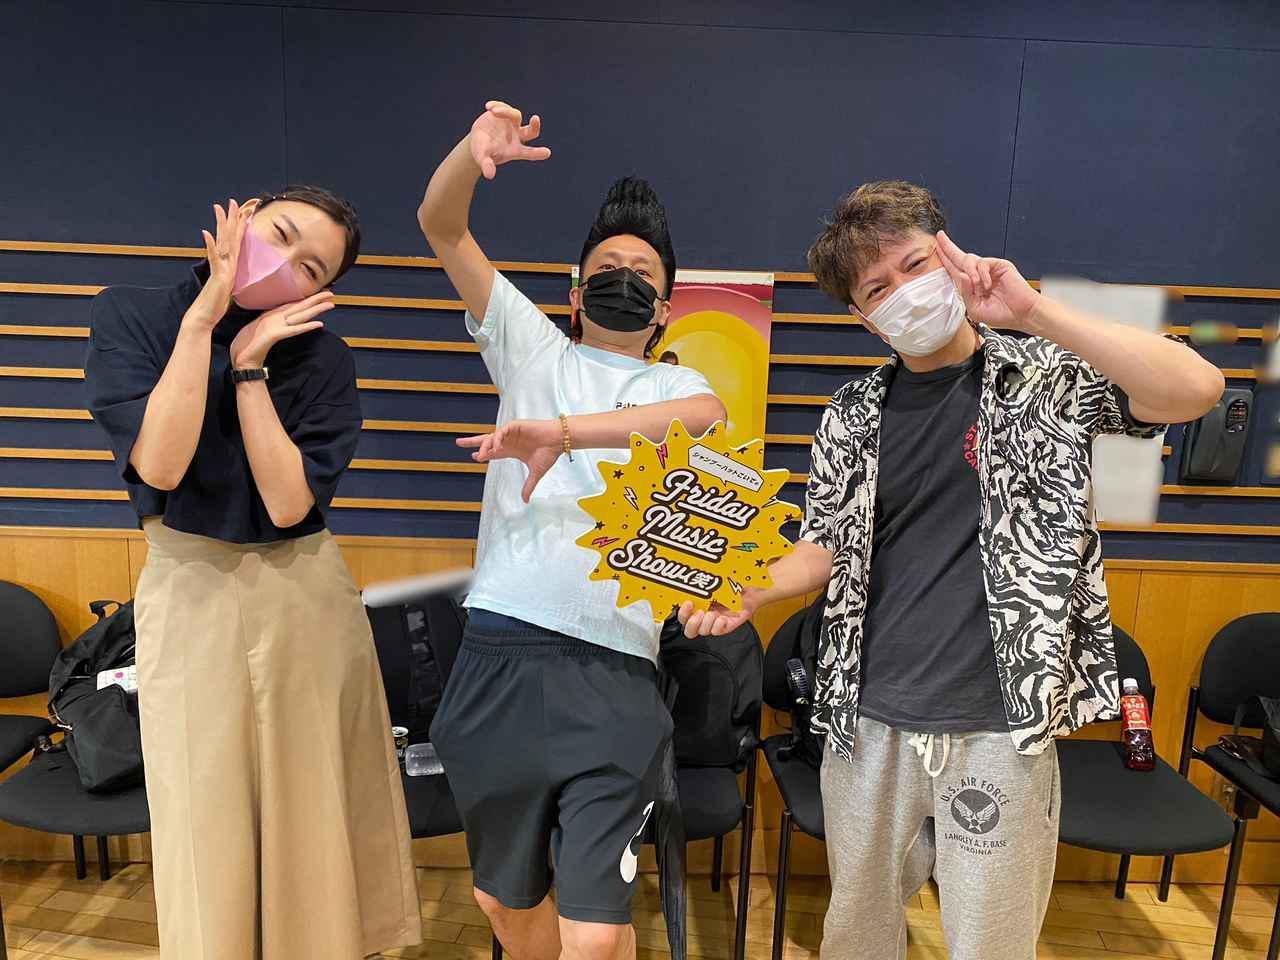 画像: 9月3日(金)シャンプーハットこいでのFriday Music Show(笑)